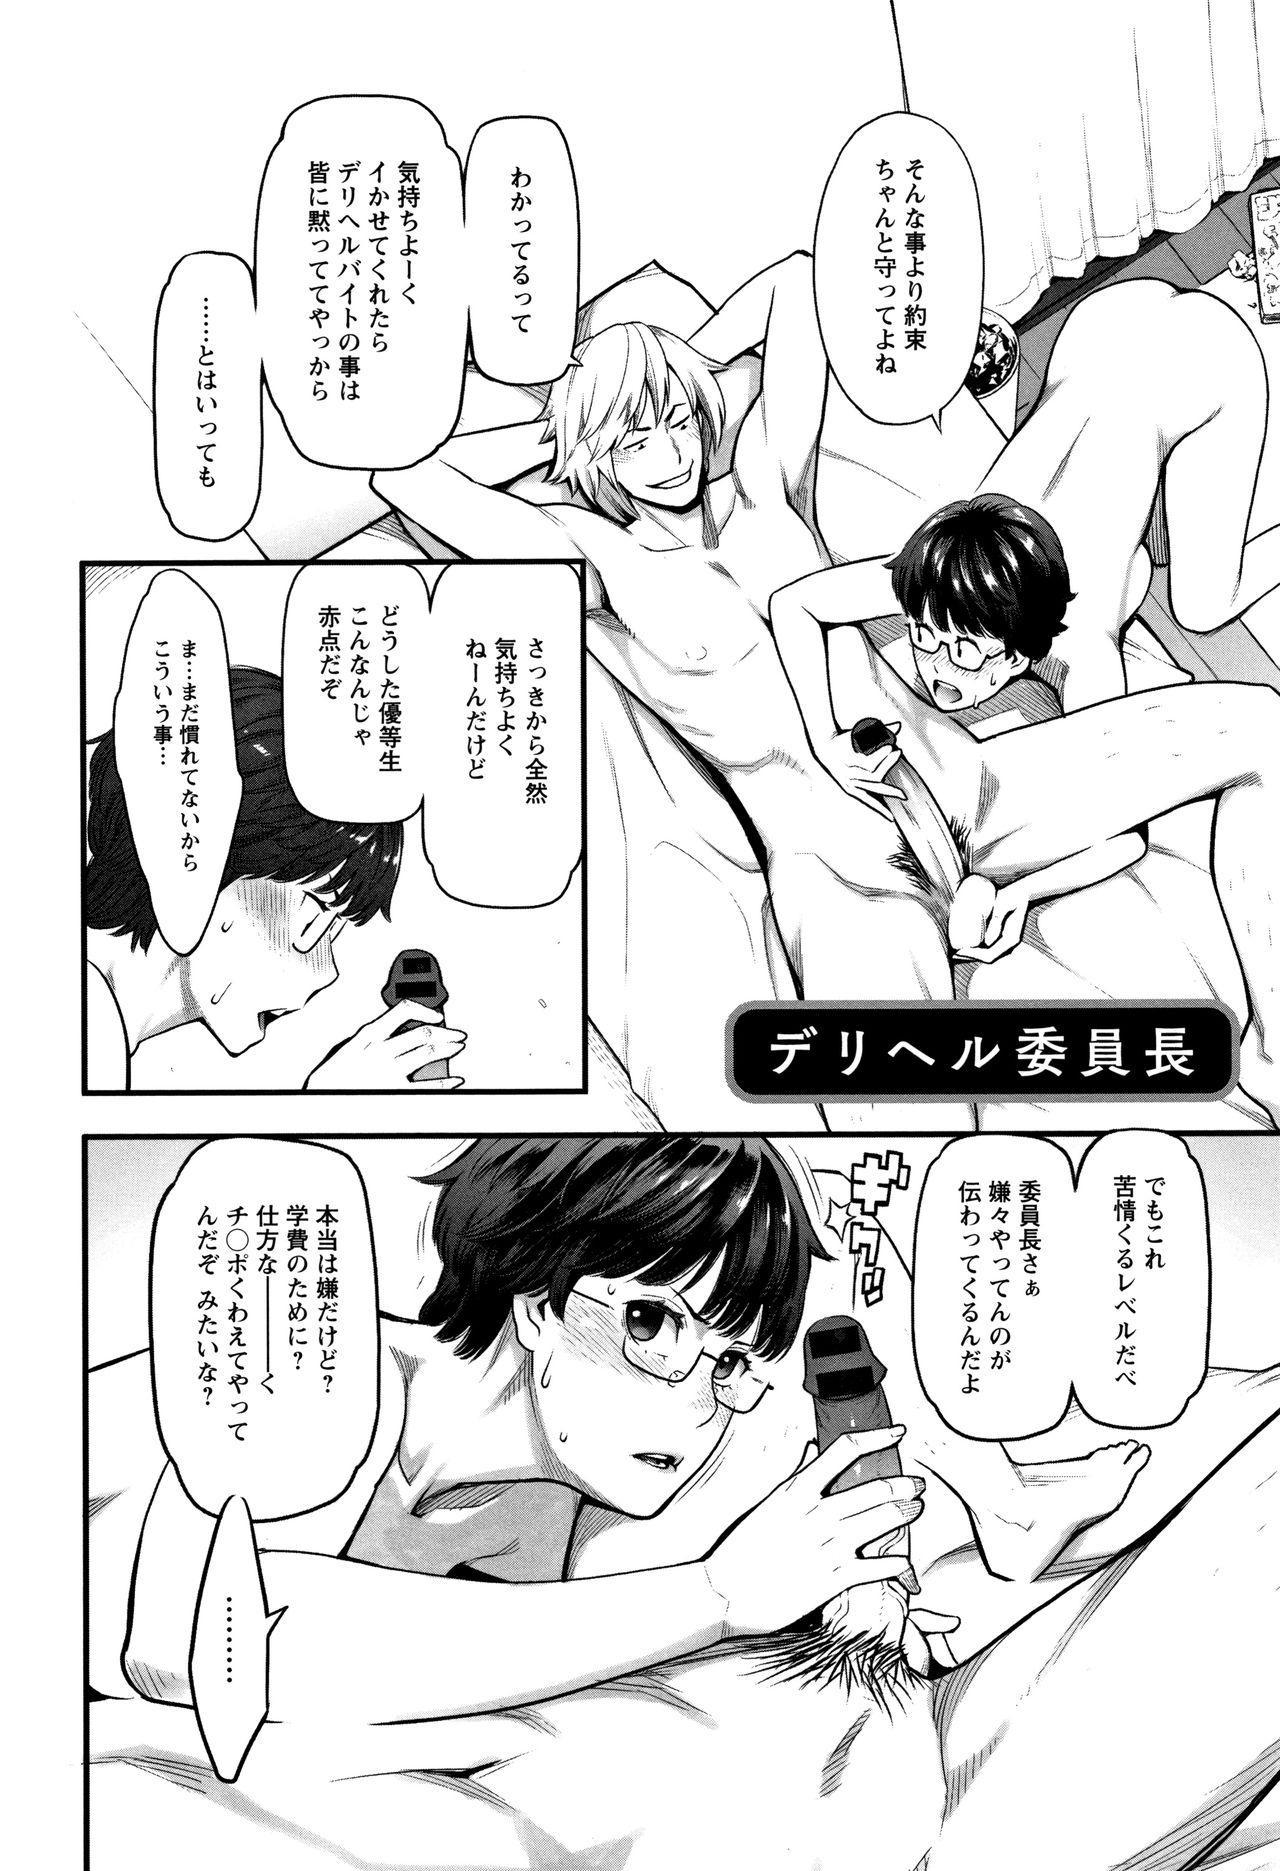 Toketa Risei wa Biyaku no Kaori 62